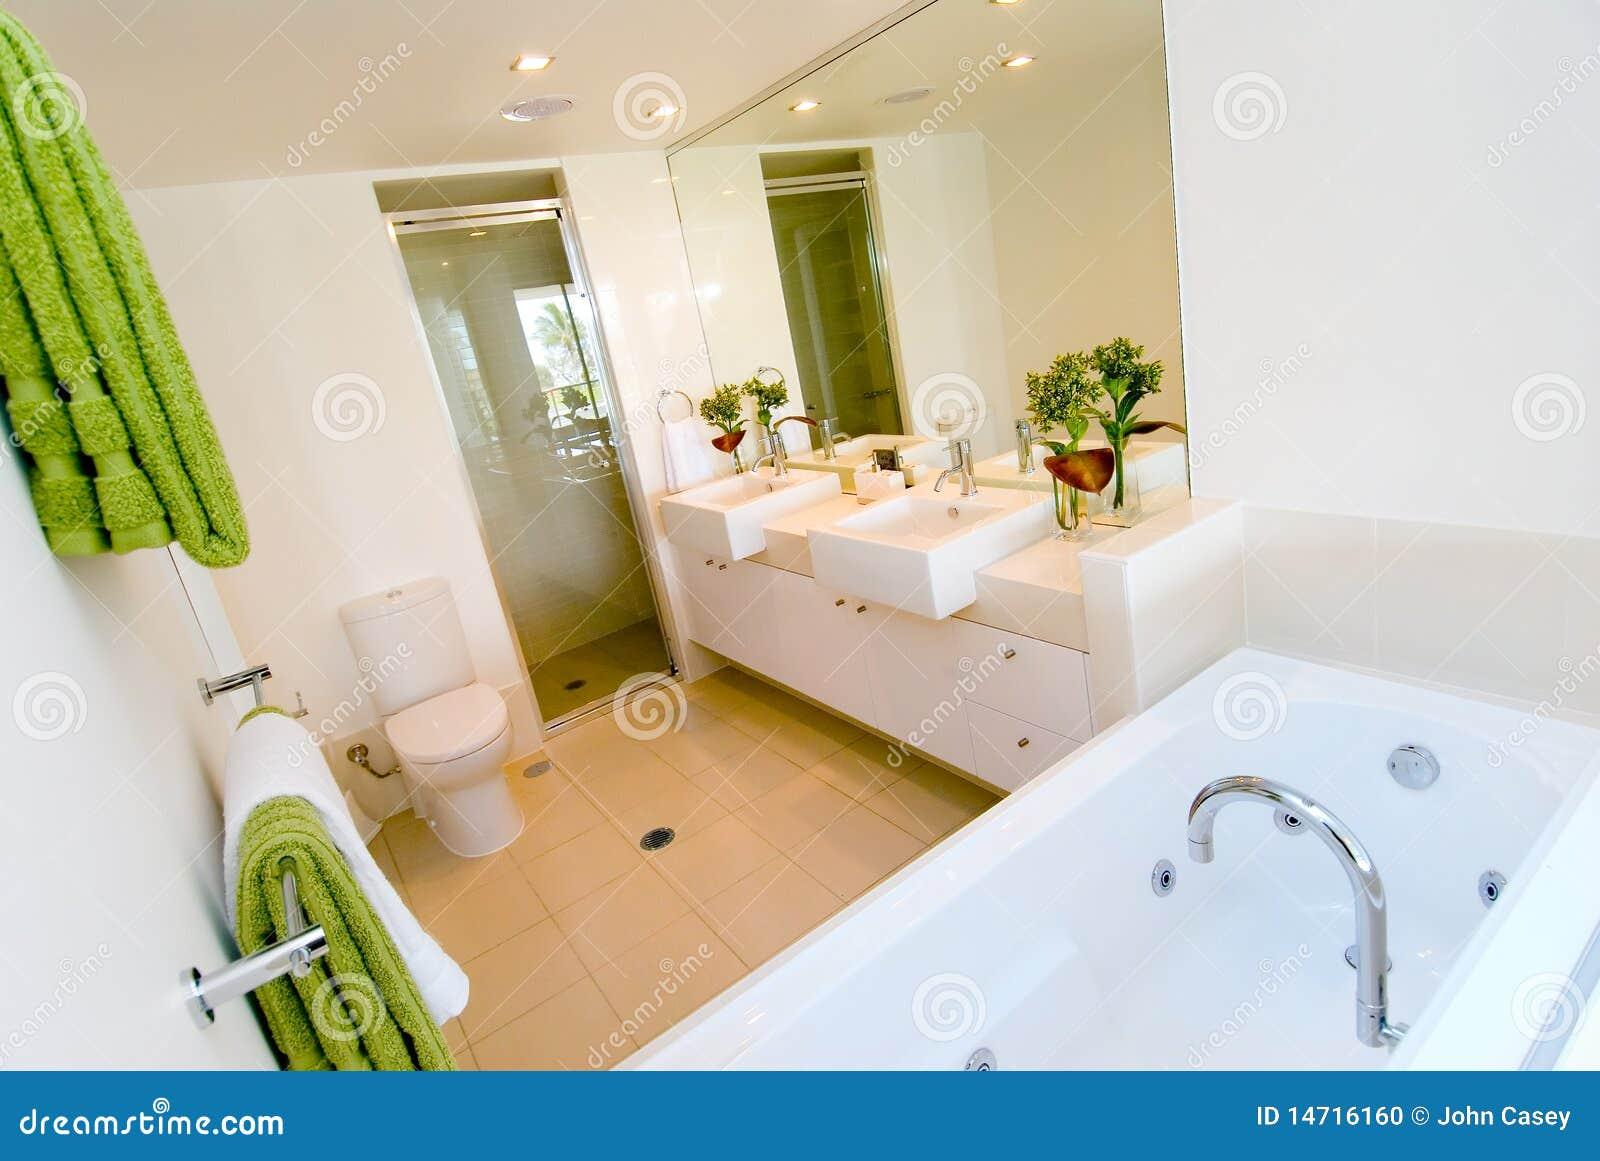 Baños Modernos De Lujo:de baño de lujo de los hogares modernos con los lavabos grandes de